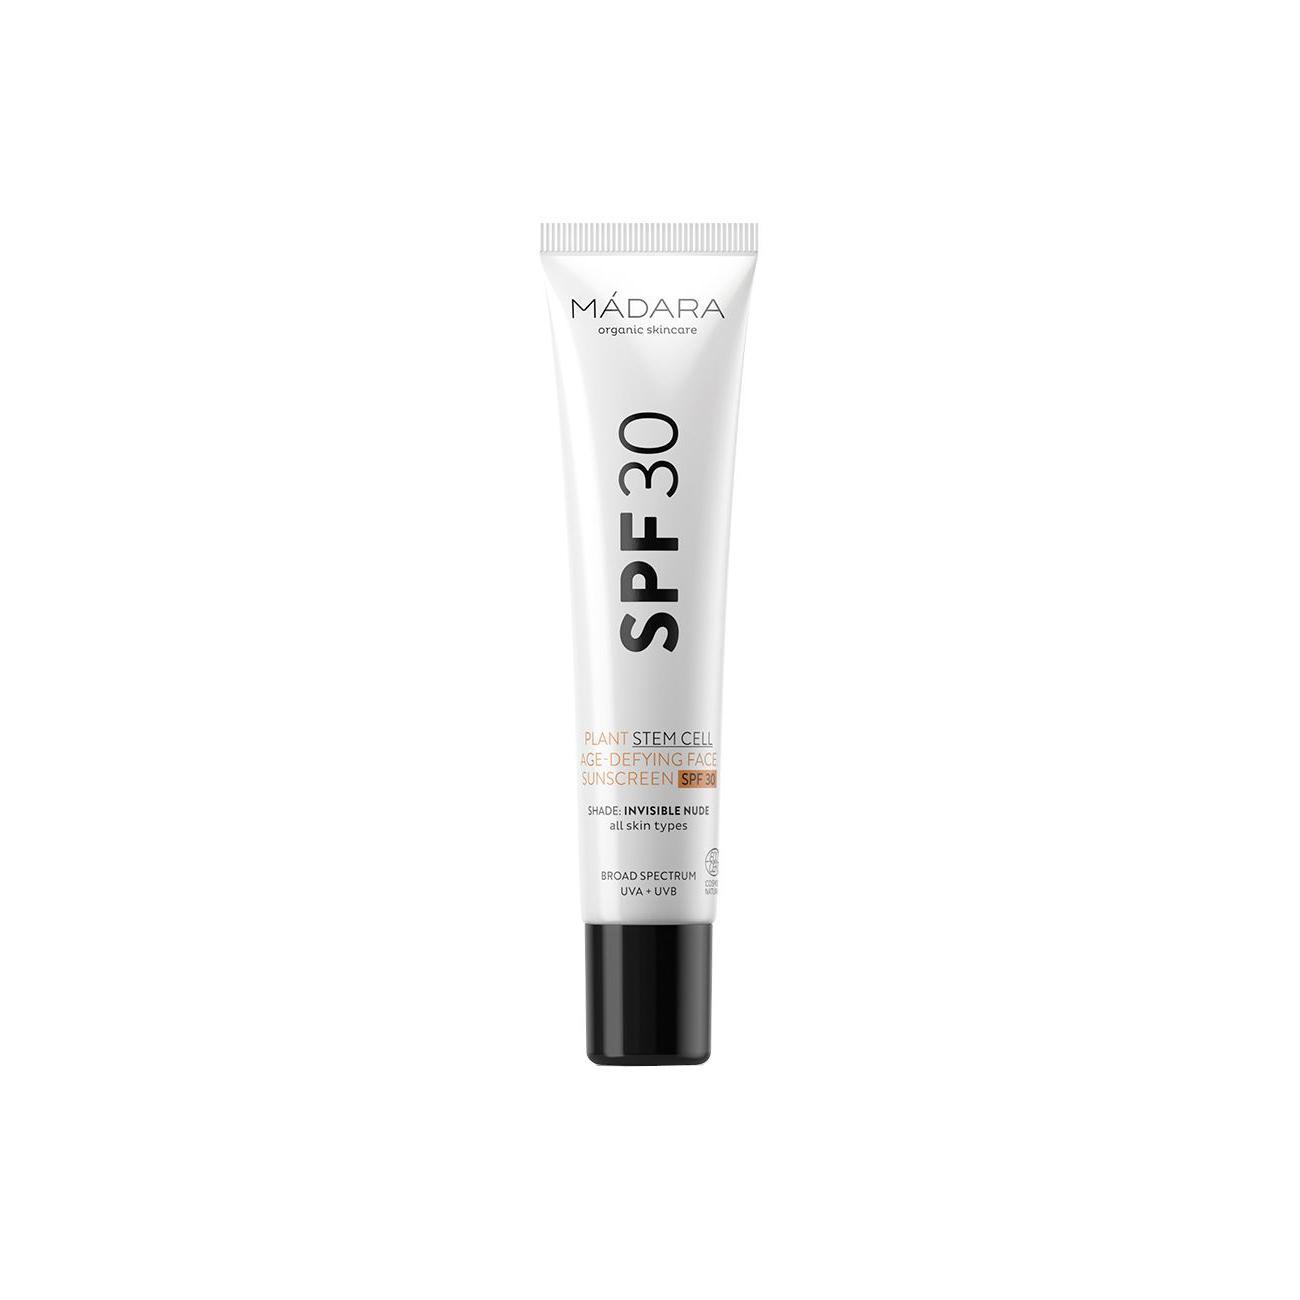 MÁDARA Opalovací krém na obličej SPF 30 s anti-age efektem 40 ml